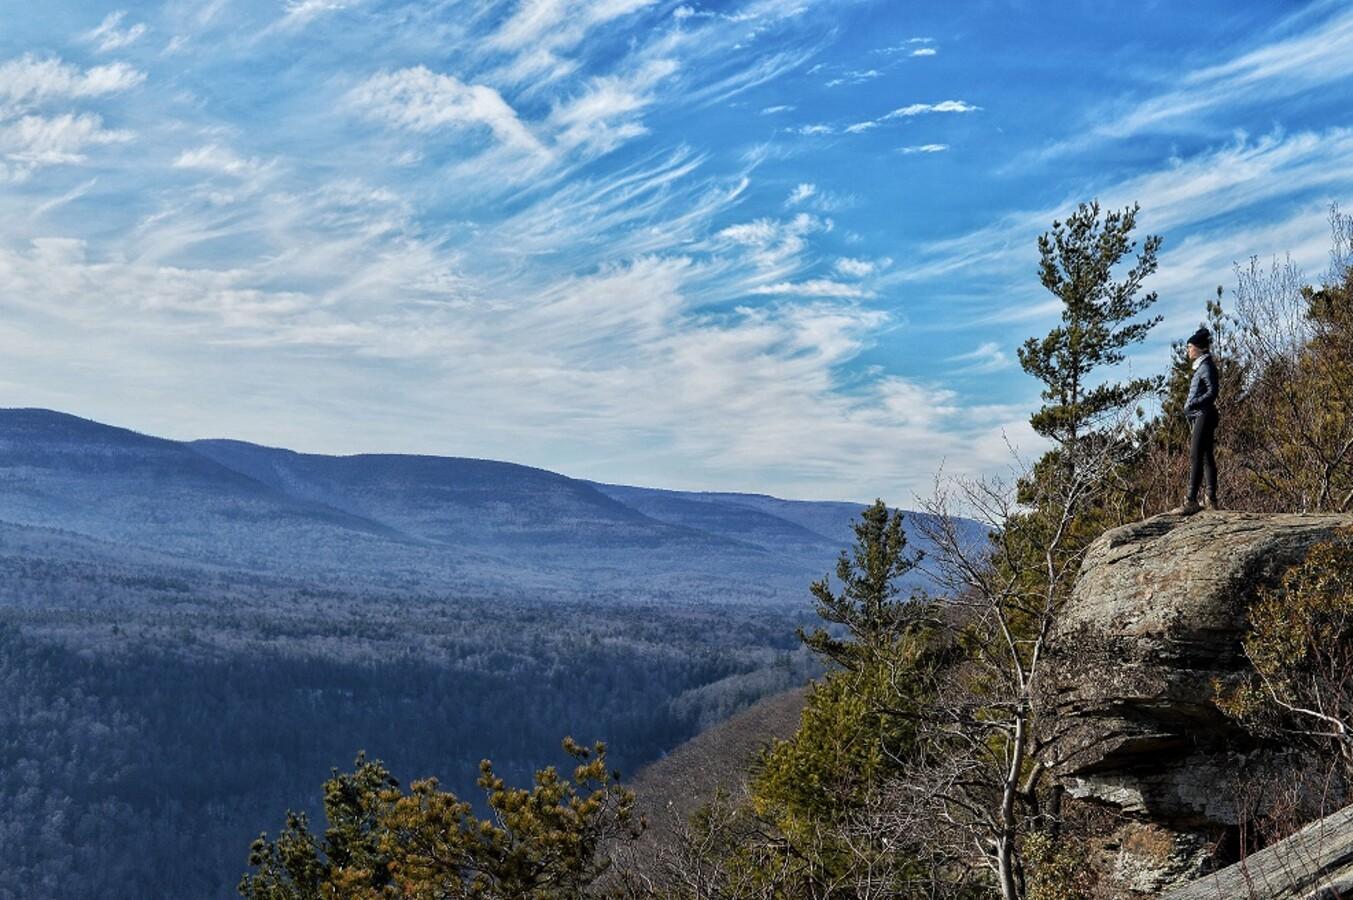 Scenic overlook at summit